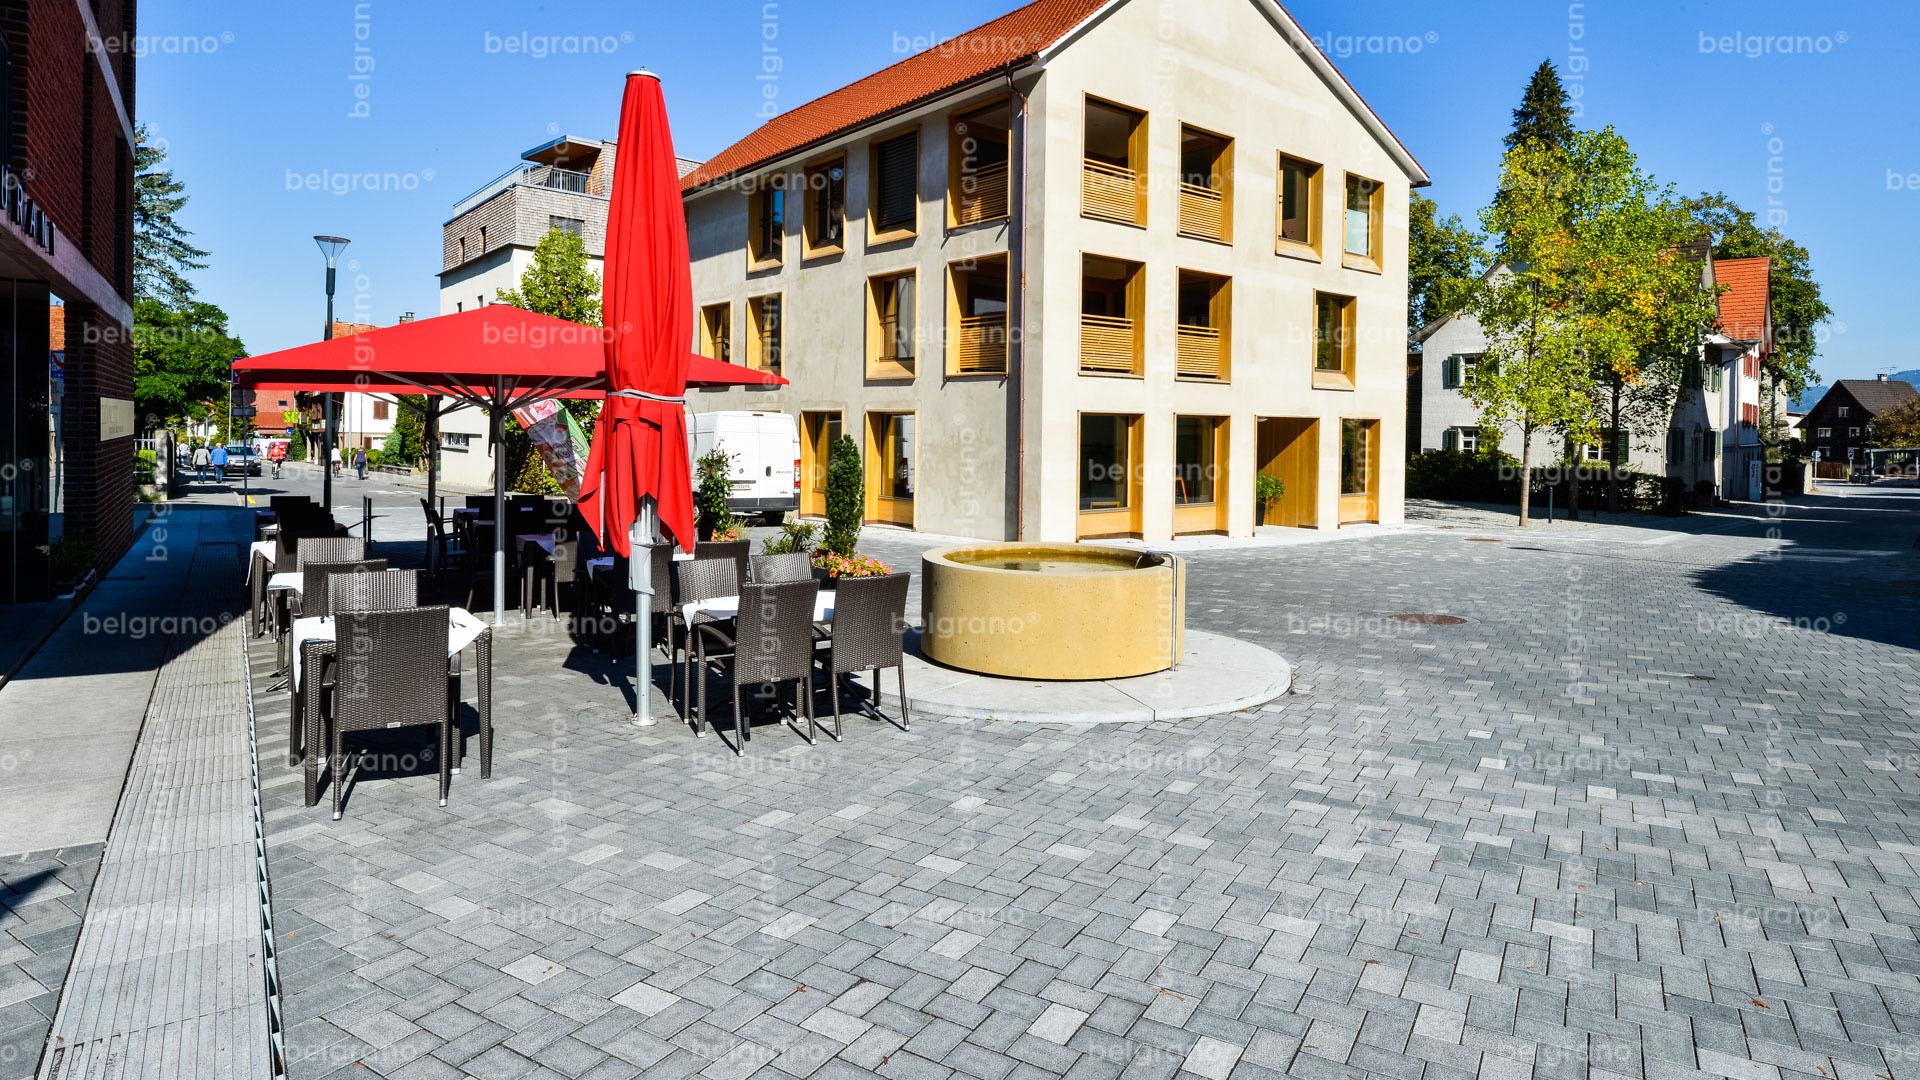 Fußgängerzone von Hohenems mit belgrano® Naturstein Pflastersteine, Bodenplatten, taktile Leitsystemen, Sitzelemente und Muldensteine aus Granit